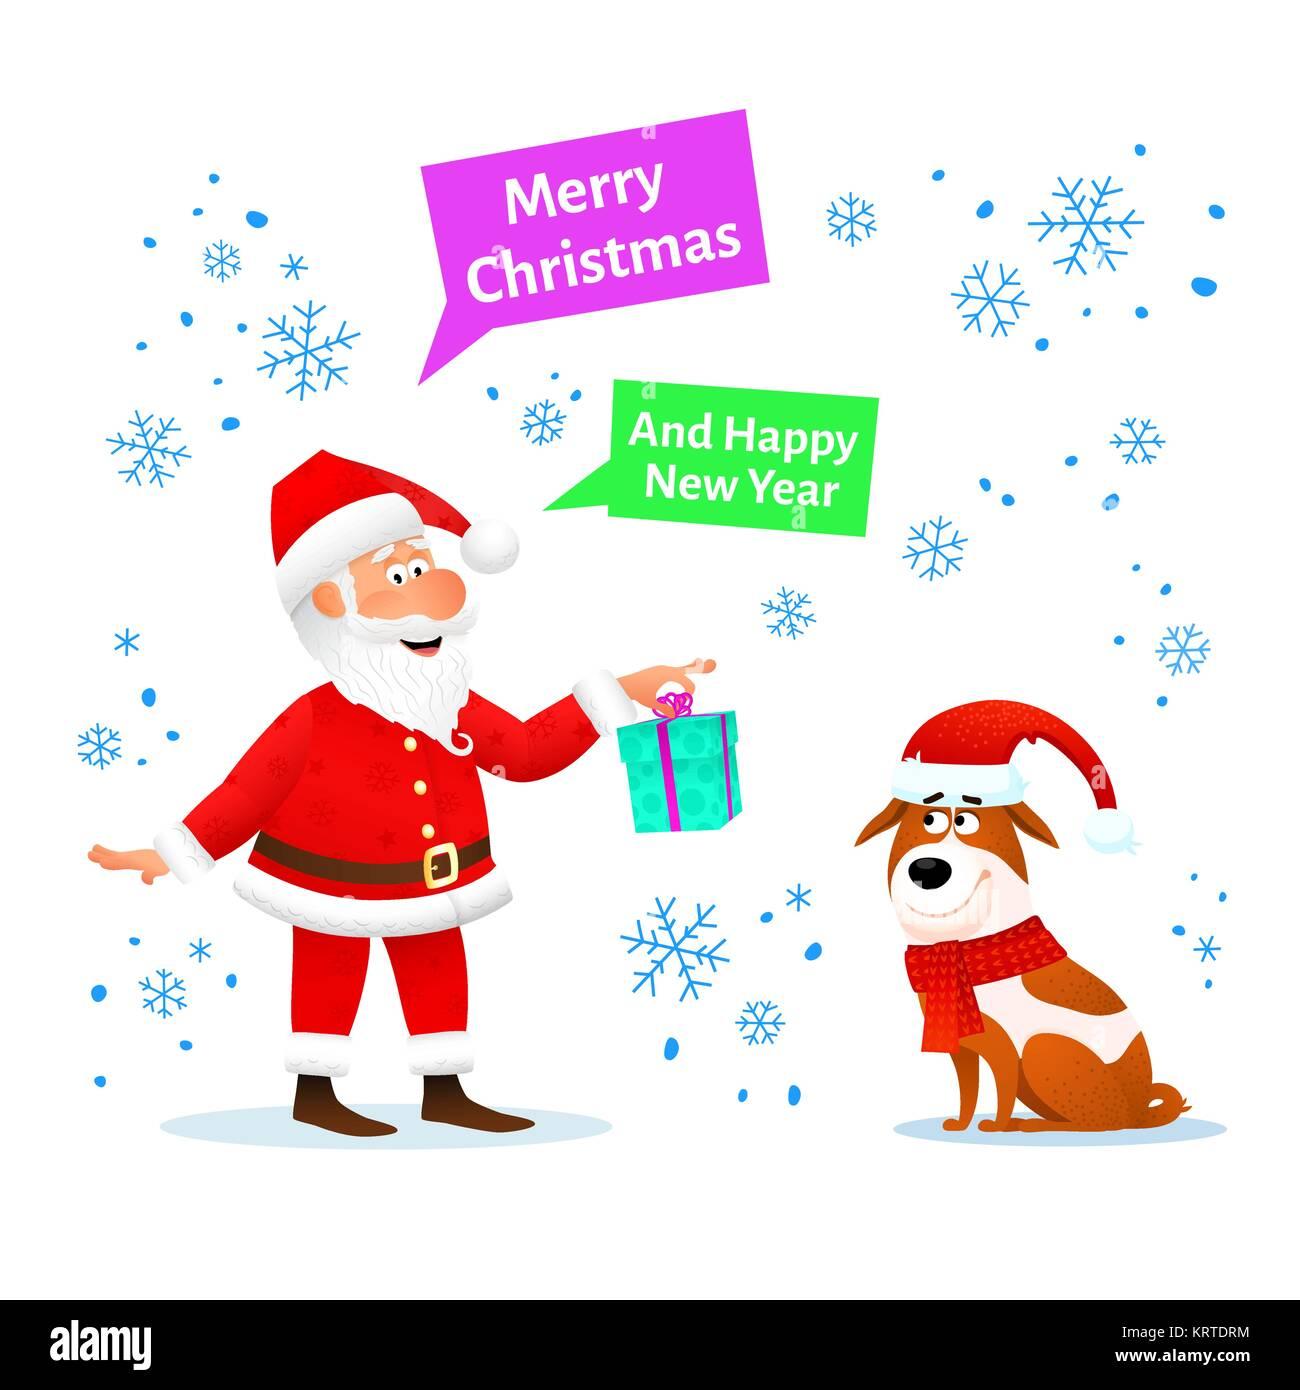 cabd0511a0a95 Feliz Navidad tarjeta. Funny Santa Claus con regalo de Navidad y perro en  red hat sobre fondo de navidad con copos de nieve. Holiday pancarta o póster .